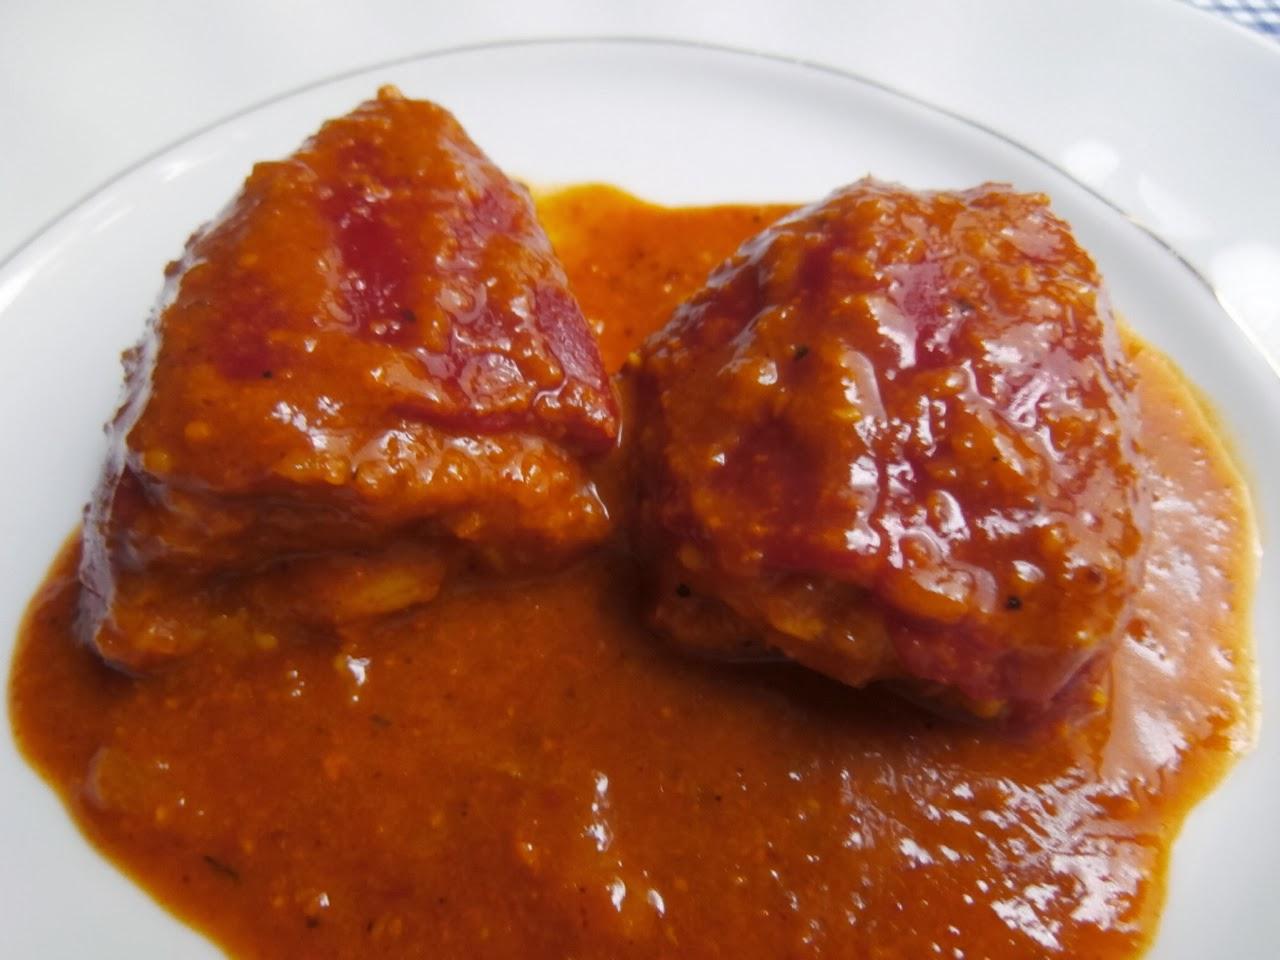 Cocina conchi pimientos rellenos de carne en salsa de ajopollo - Salsa para relleno de carne ...